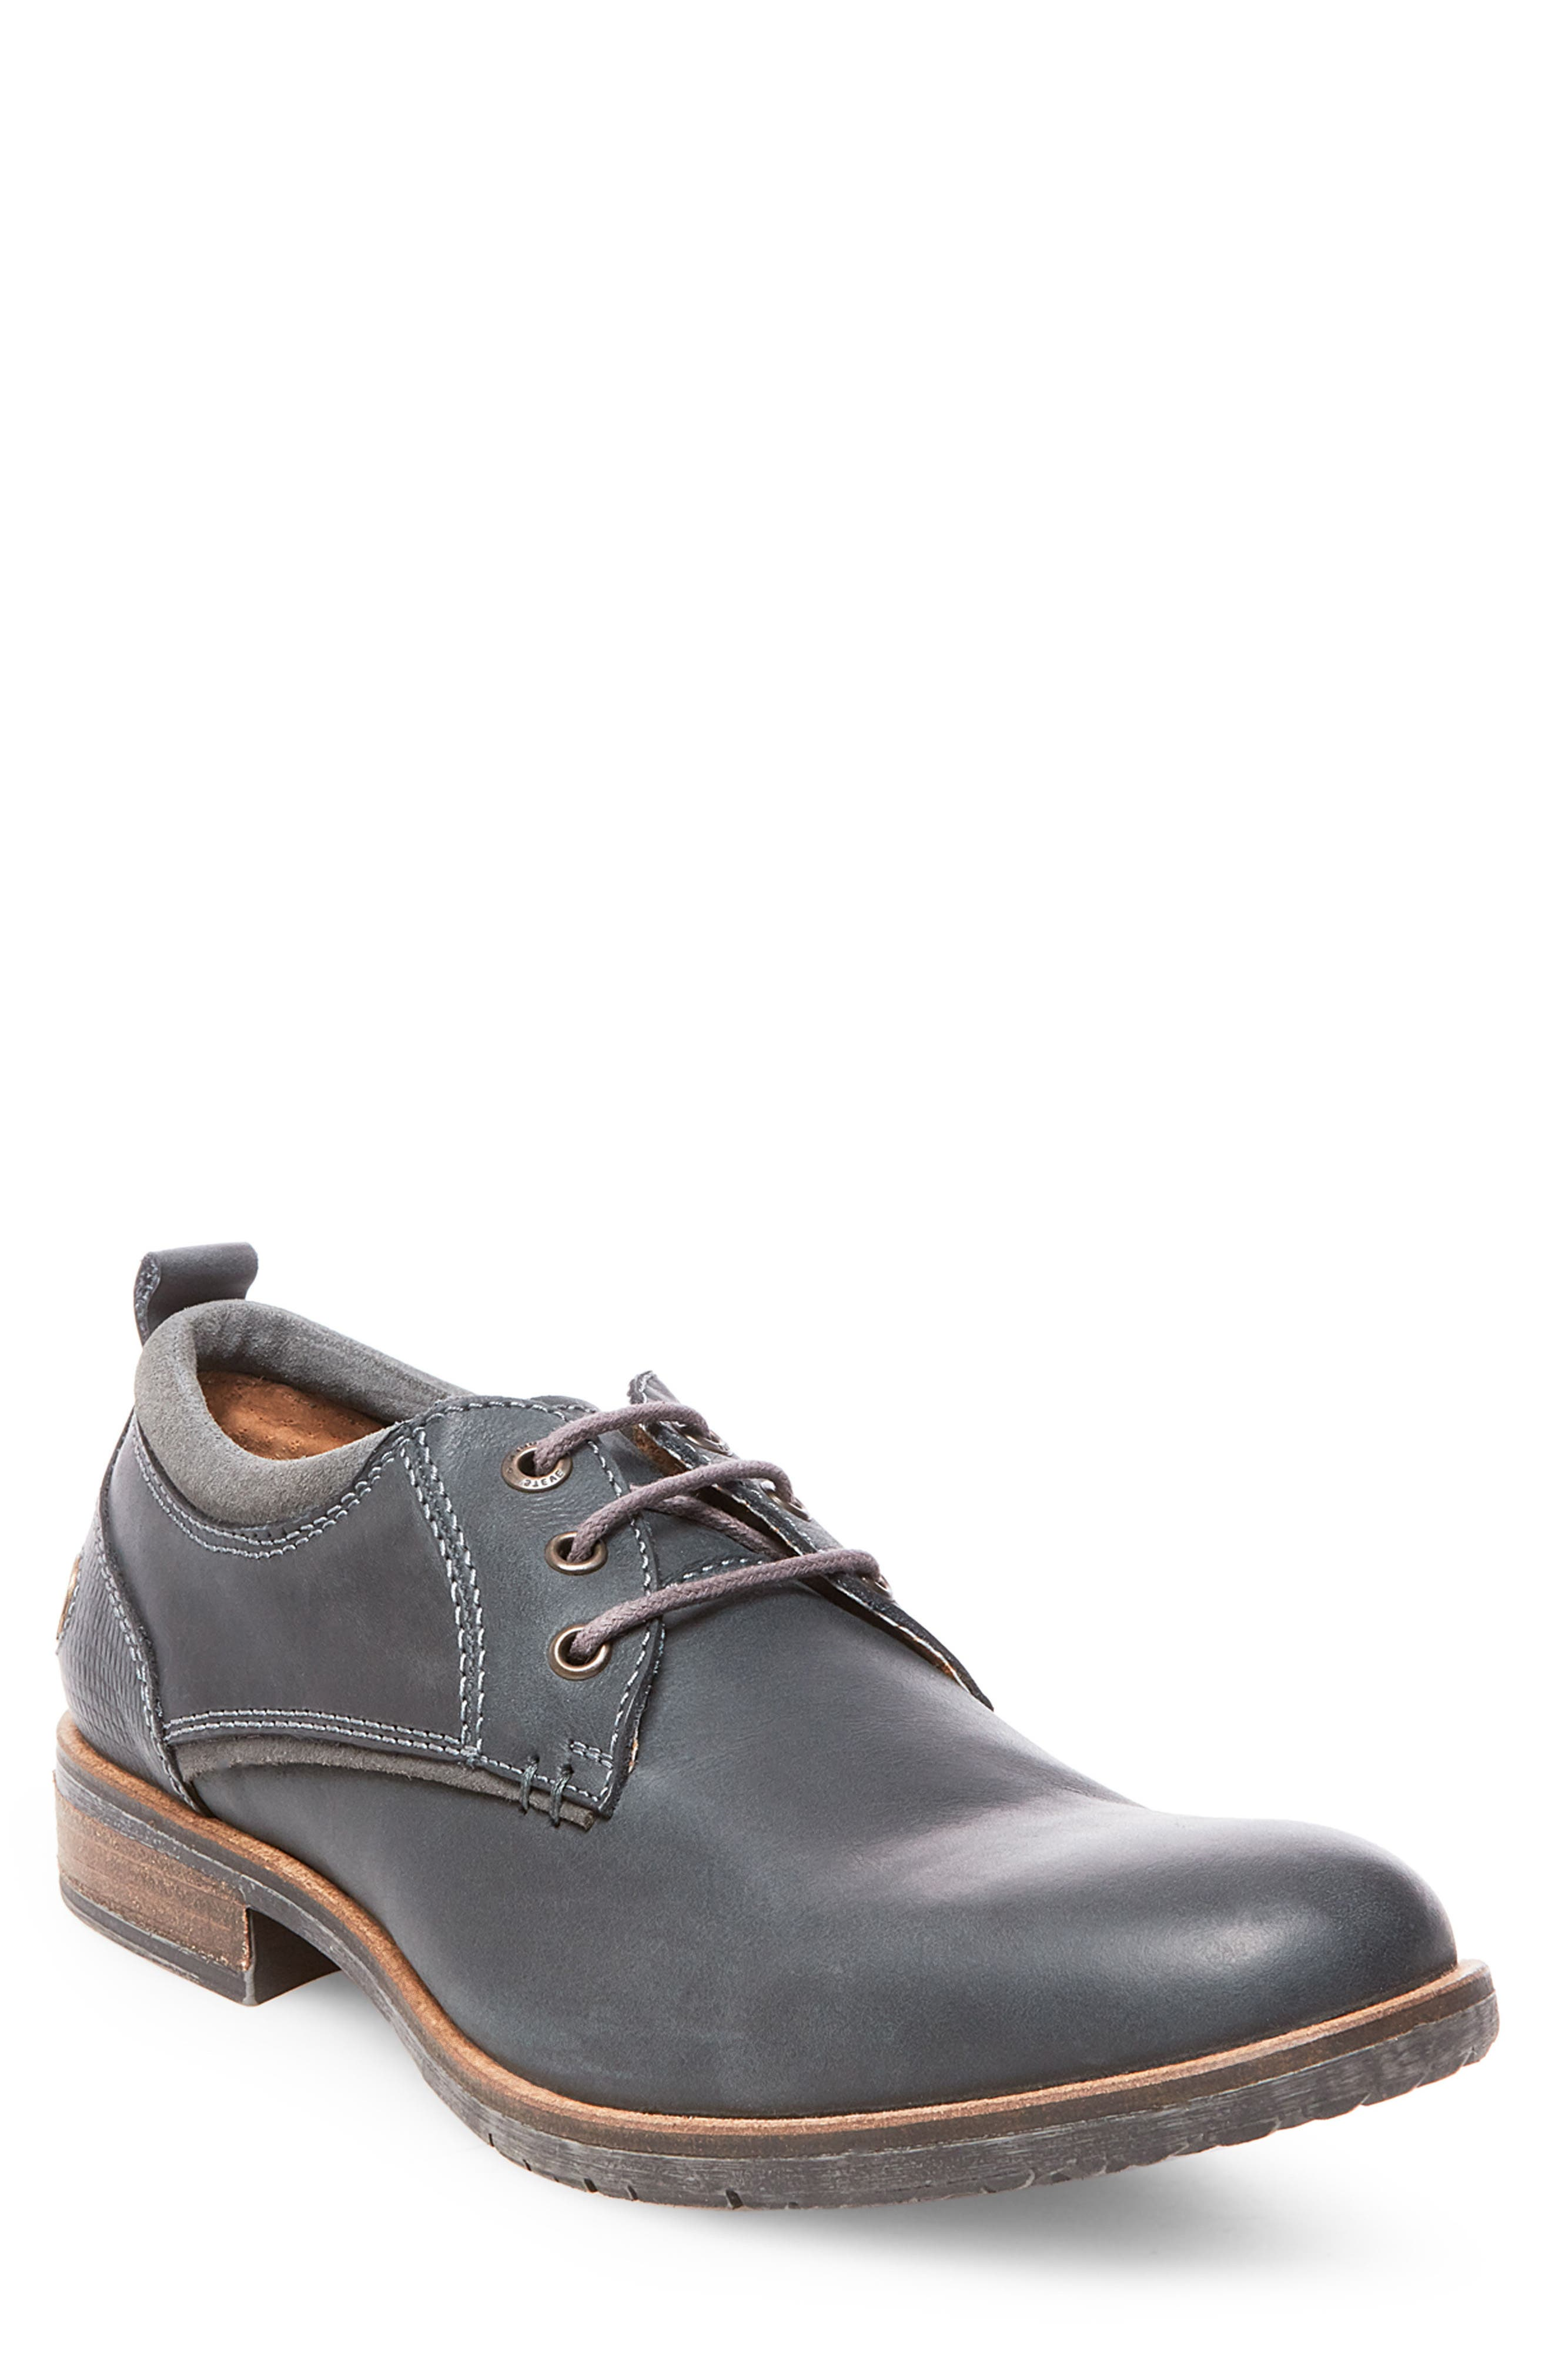 Narrate Plain Toe Derby,                         Main,                         color, Black